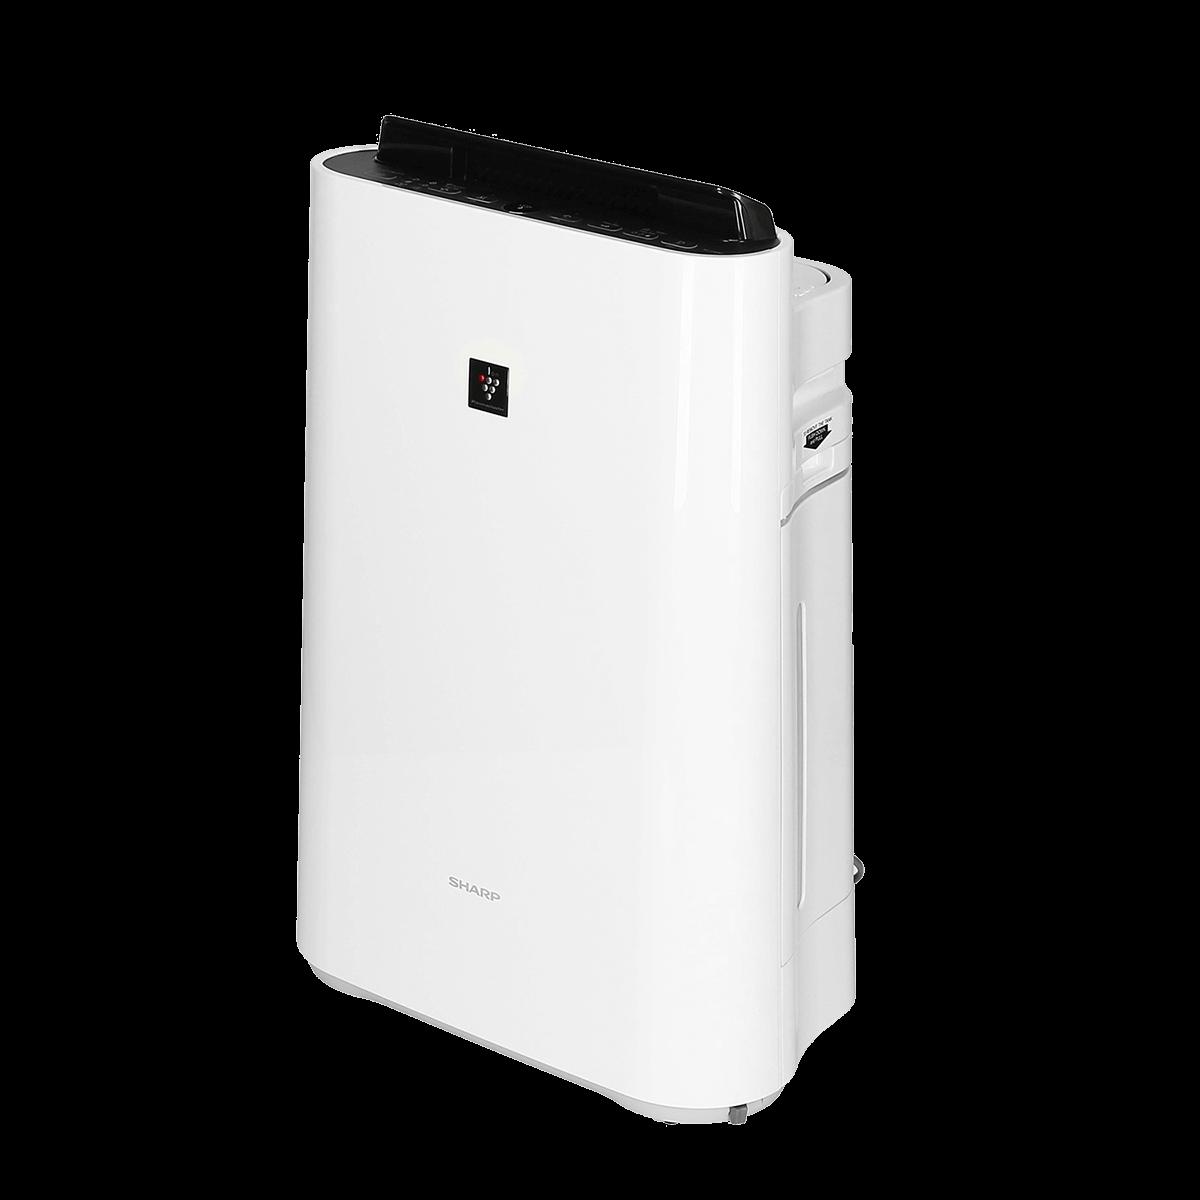 Oczyszczacz powietrza Sharp KC-D40EUW